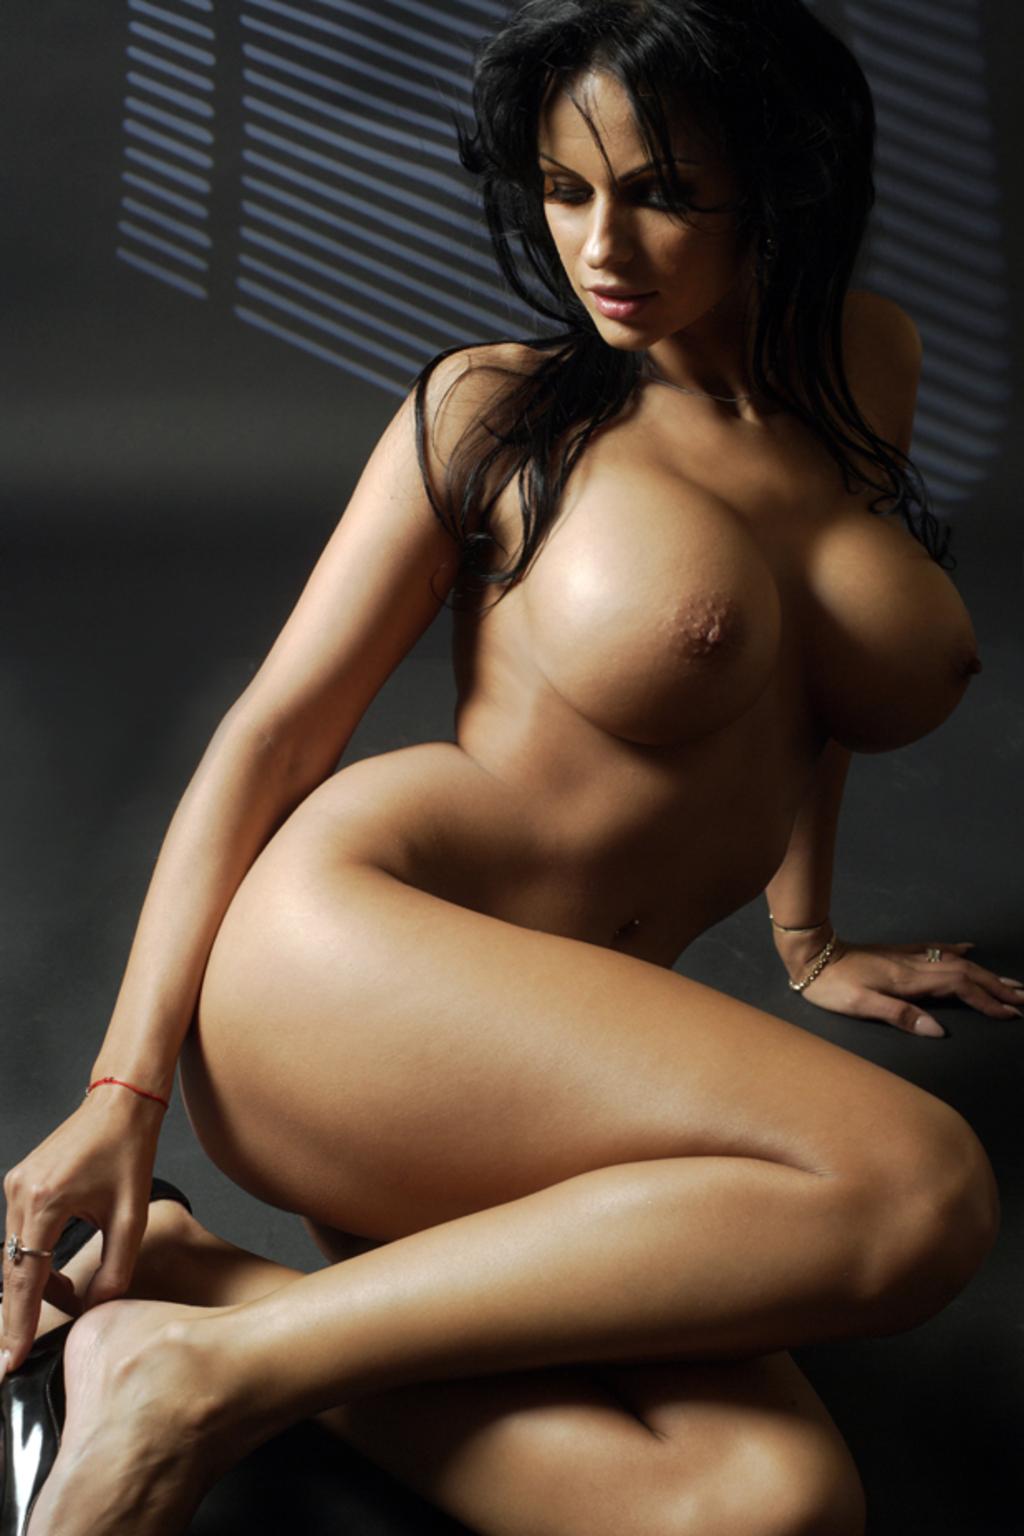 Фото голый женщин 16 фотография